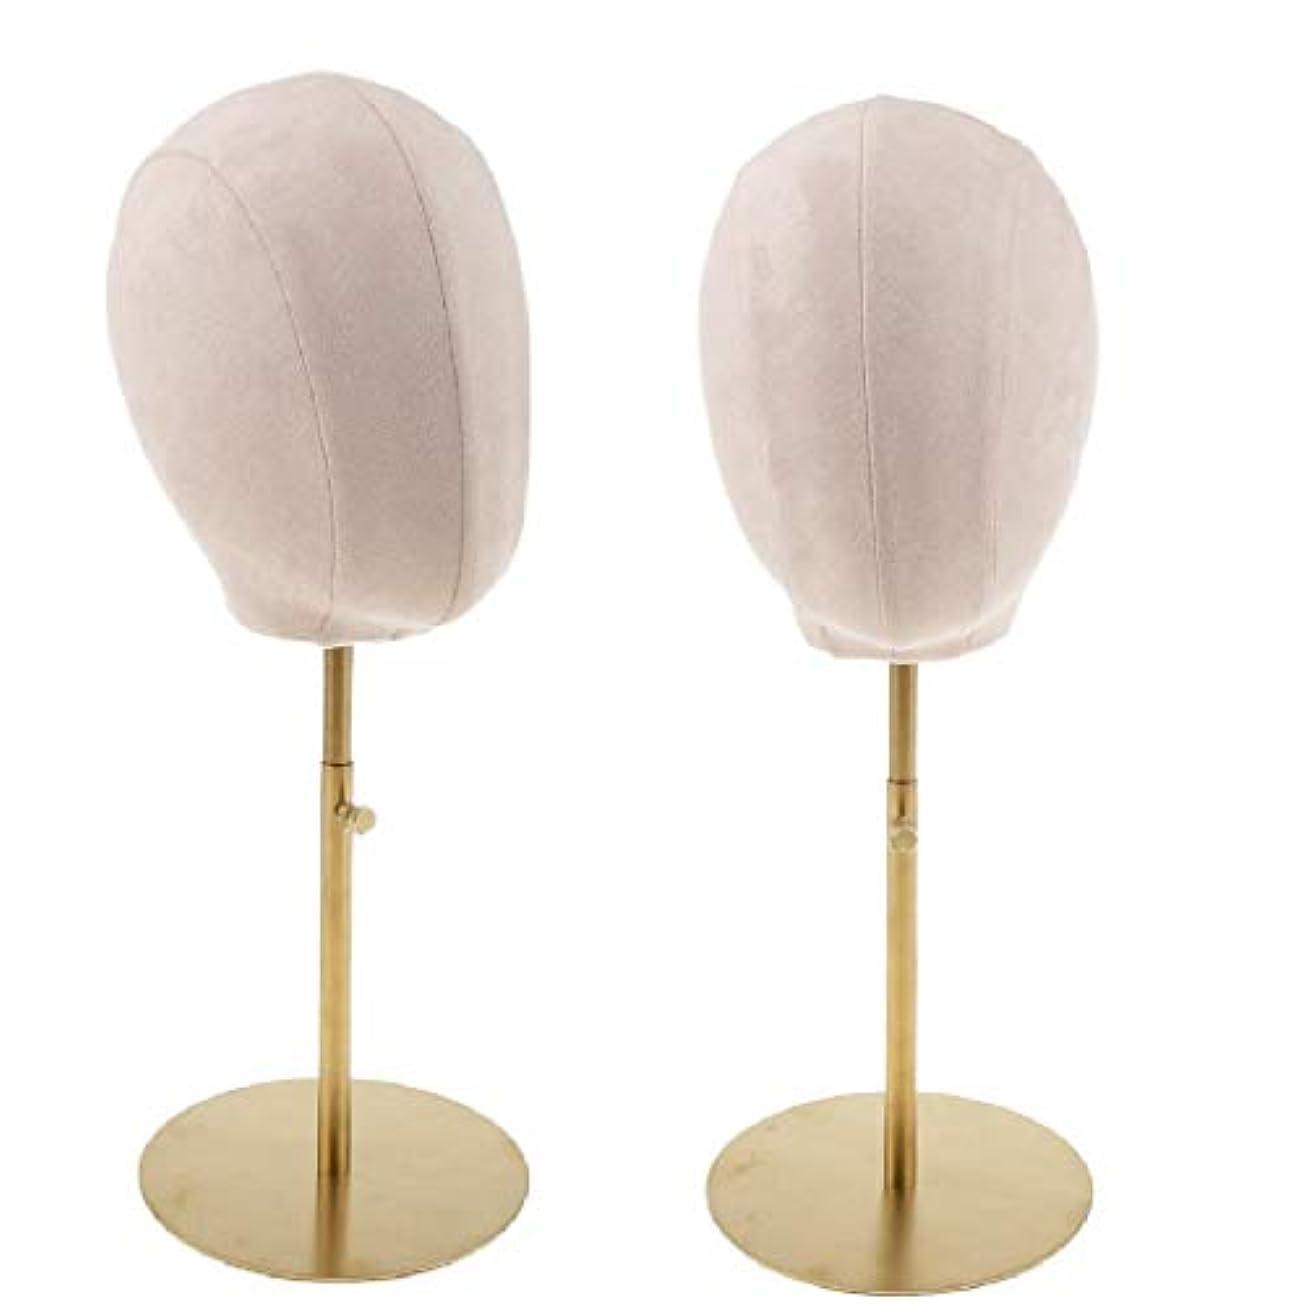 原稿平和市民Tachiuwa マネキンヘッド ディスプレイ 頭部モデル ウィッグスタンド 帽子 収納 ハンガー 調節可能な高さ